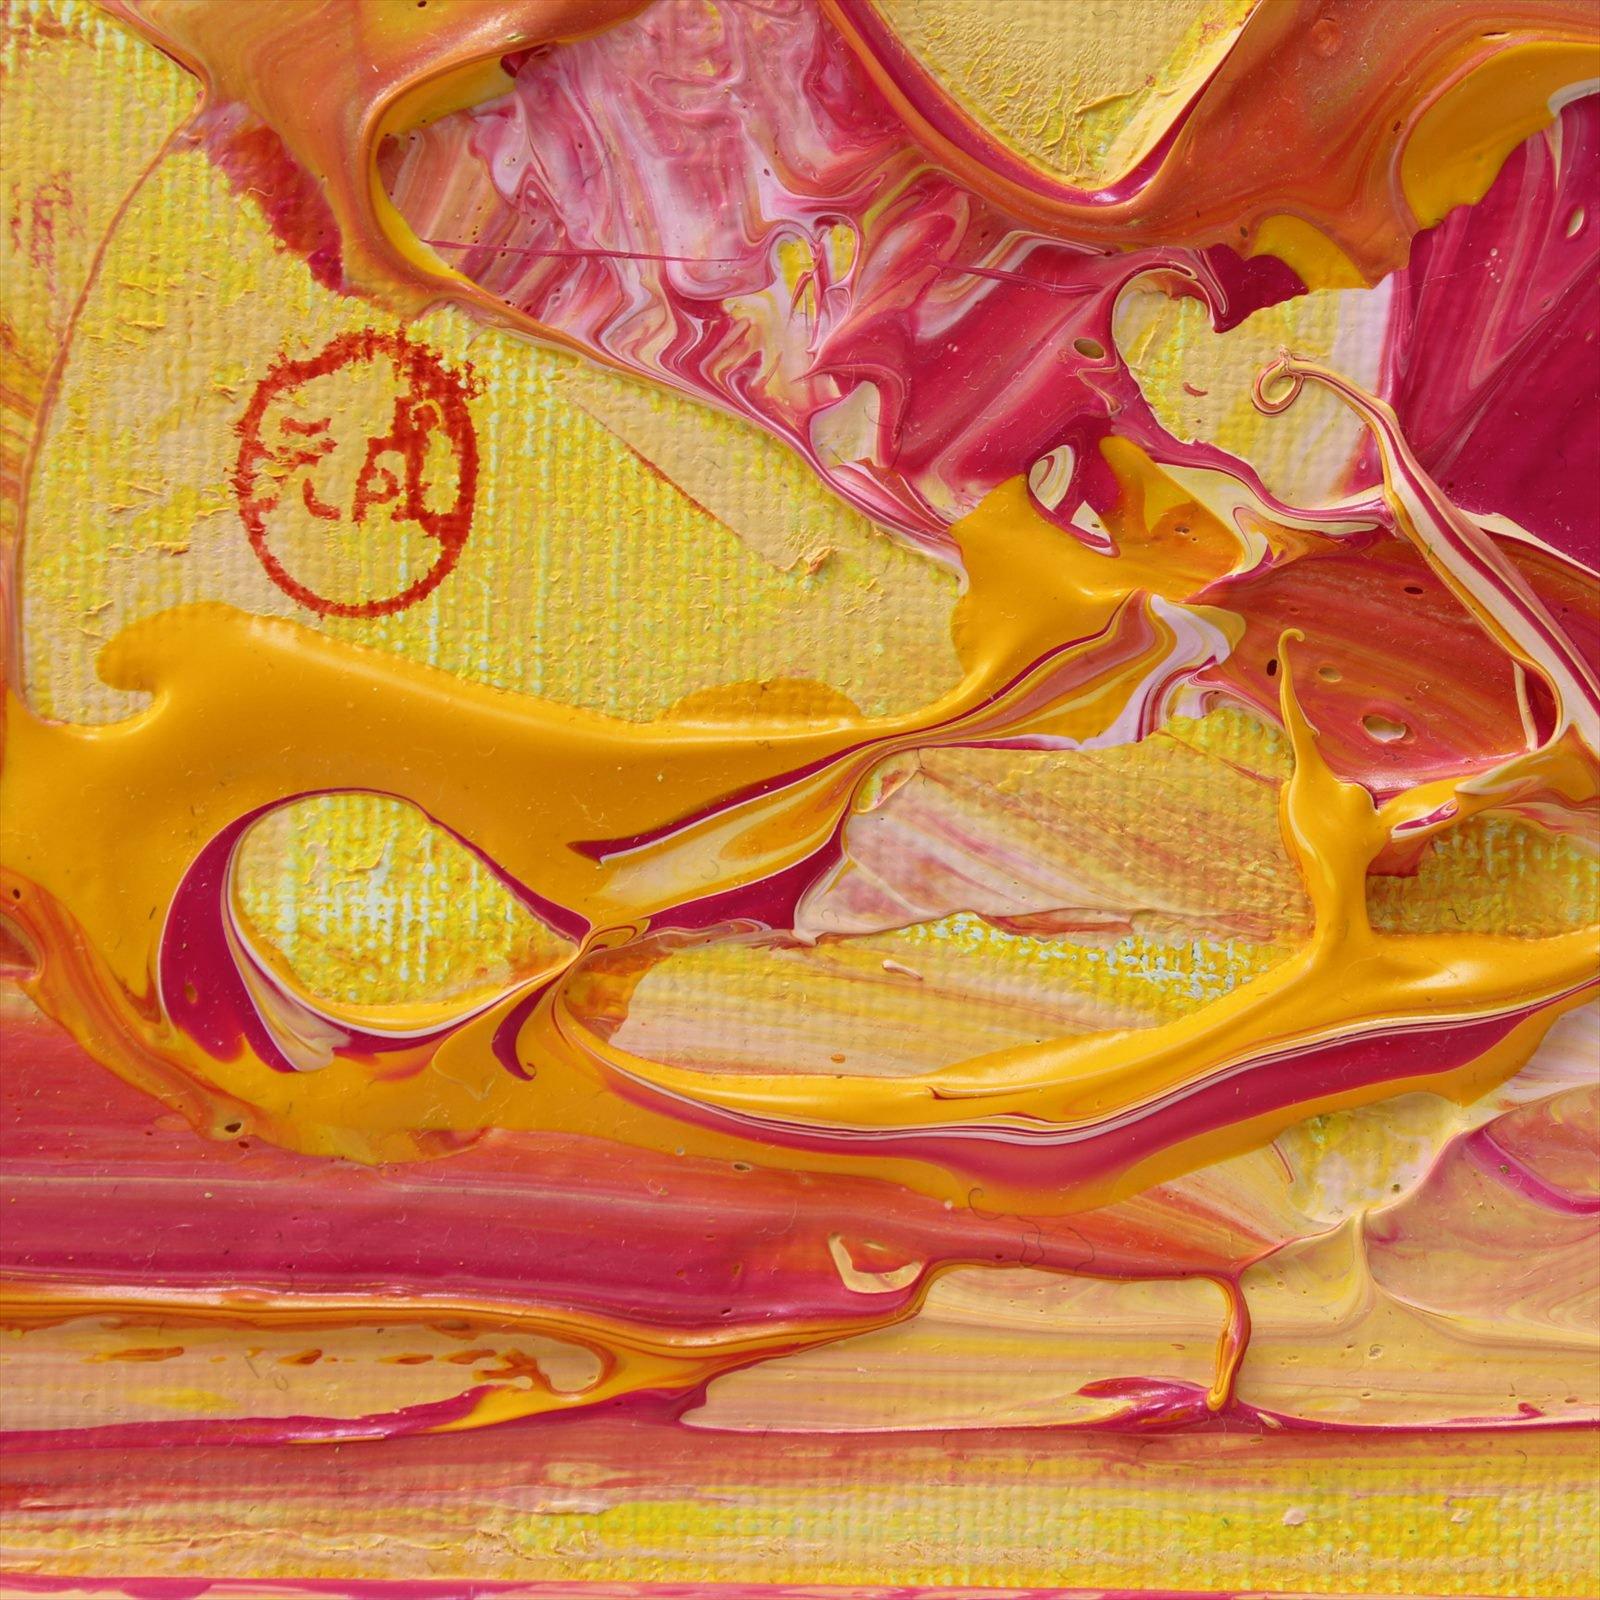 自然運筆法の創始者である野原元成氏による女神様シリーズの作品「女神様8... スピリチュアルイン